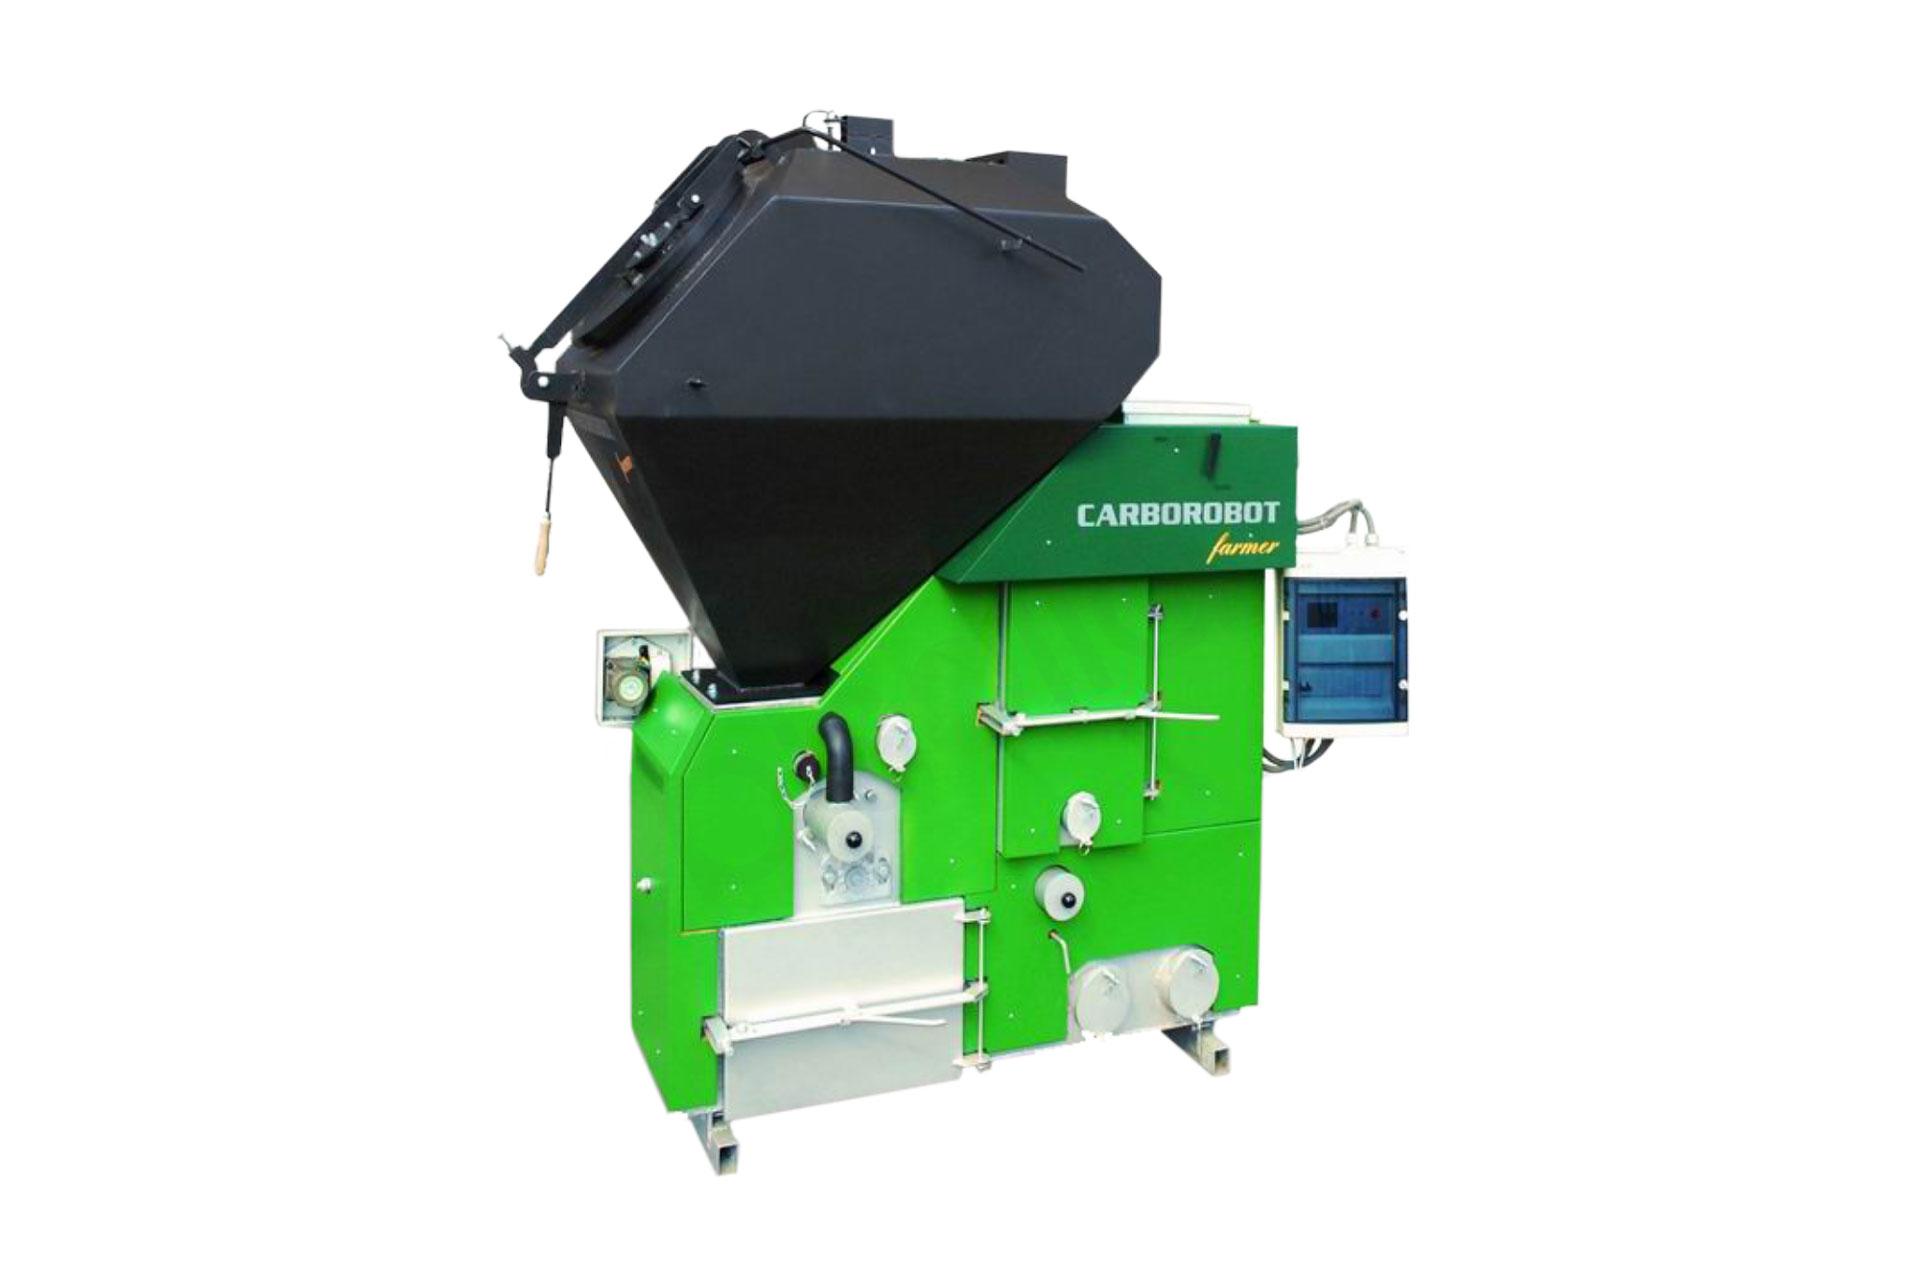 Carborobot Biomass